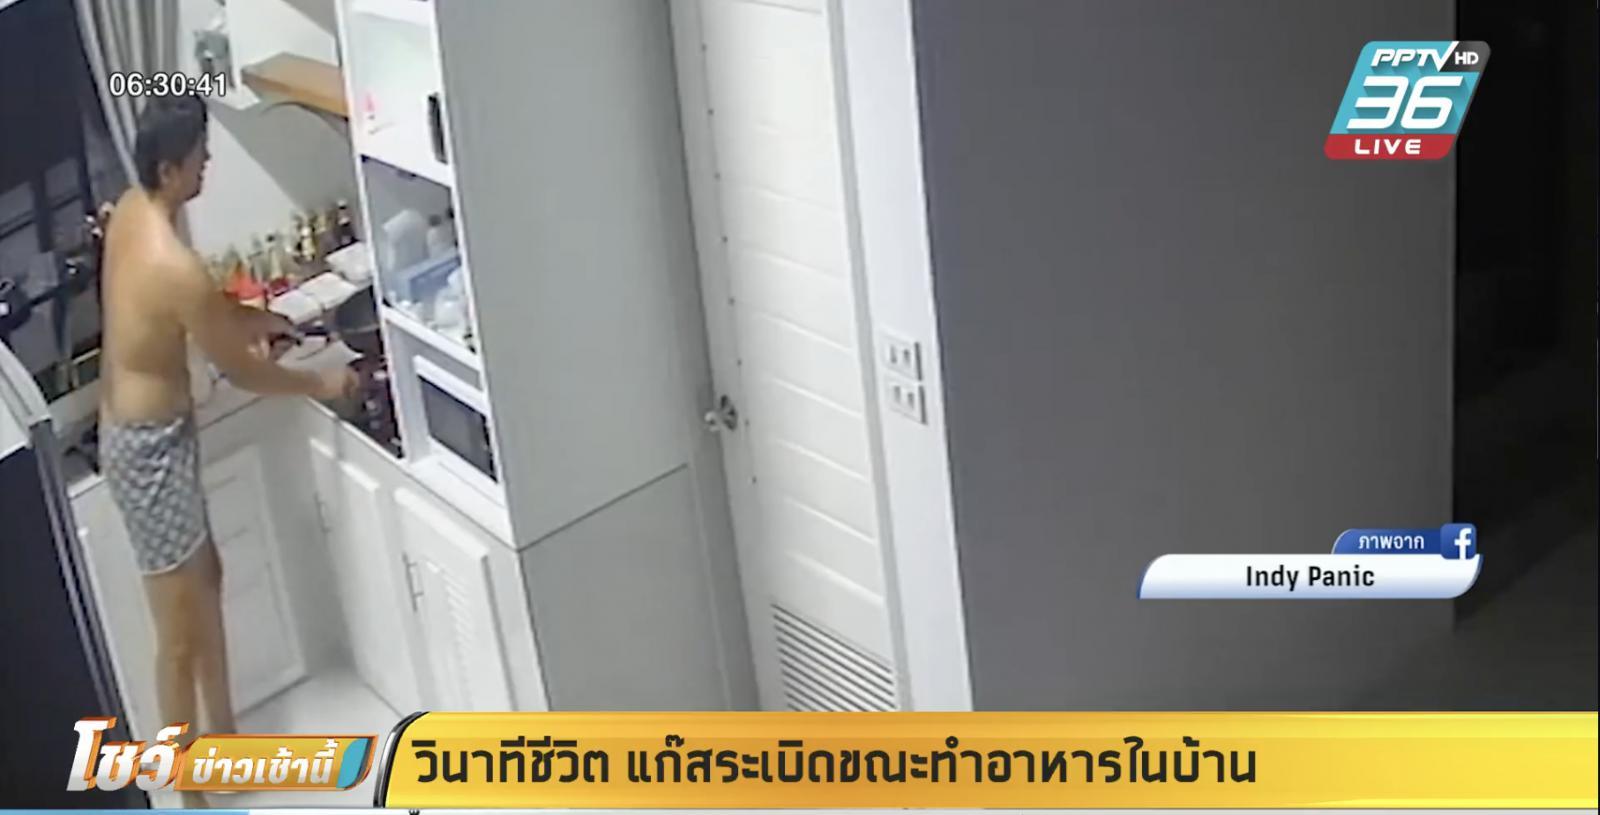 วินาทีชีวิต วงจรปิดจับภาพแก๊สระเบิดขณะทำอาหารในบ้าน